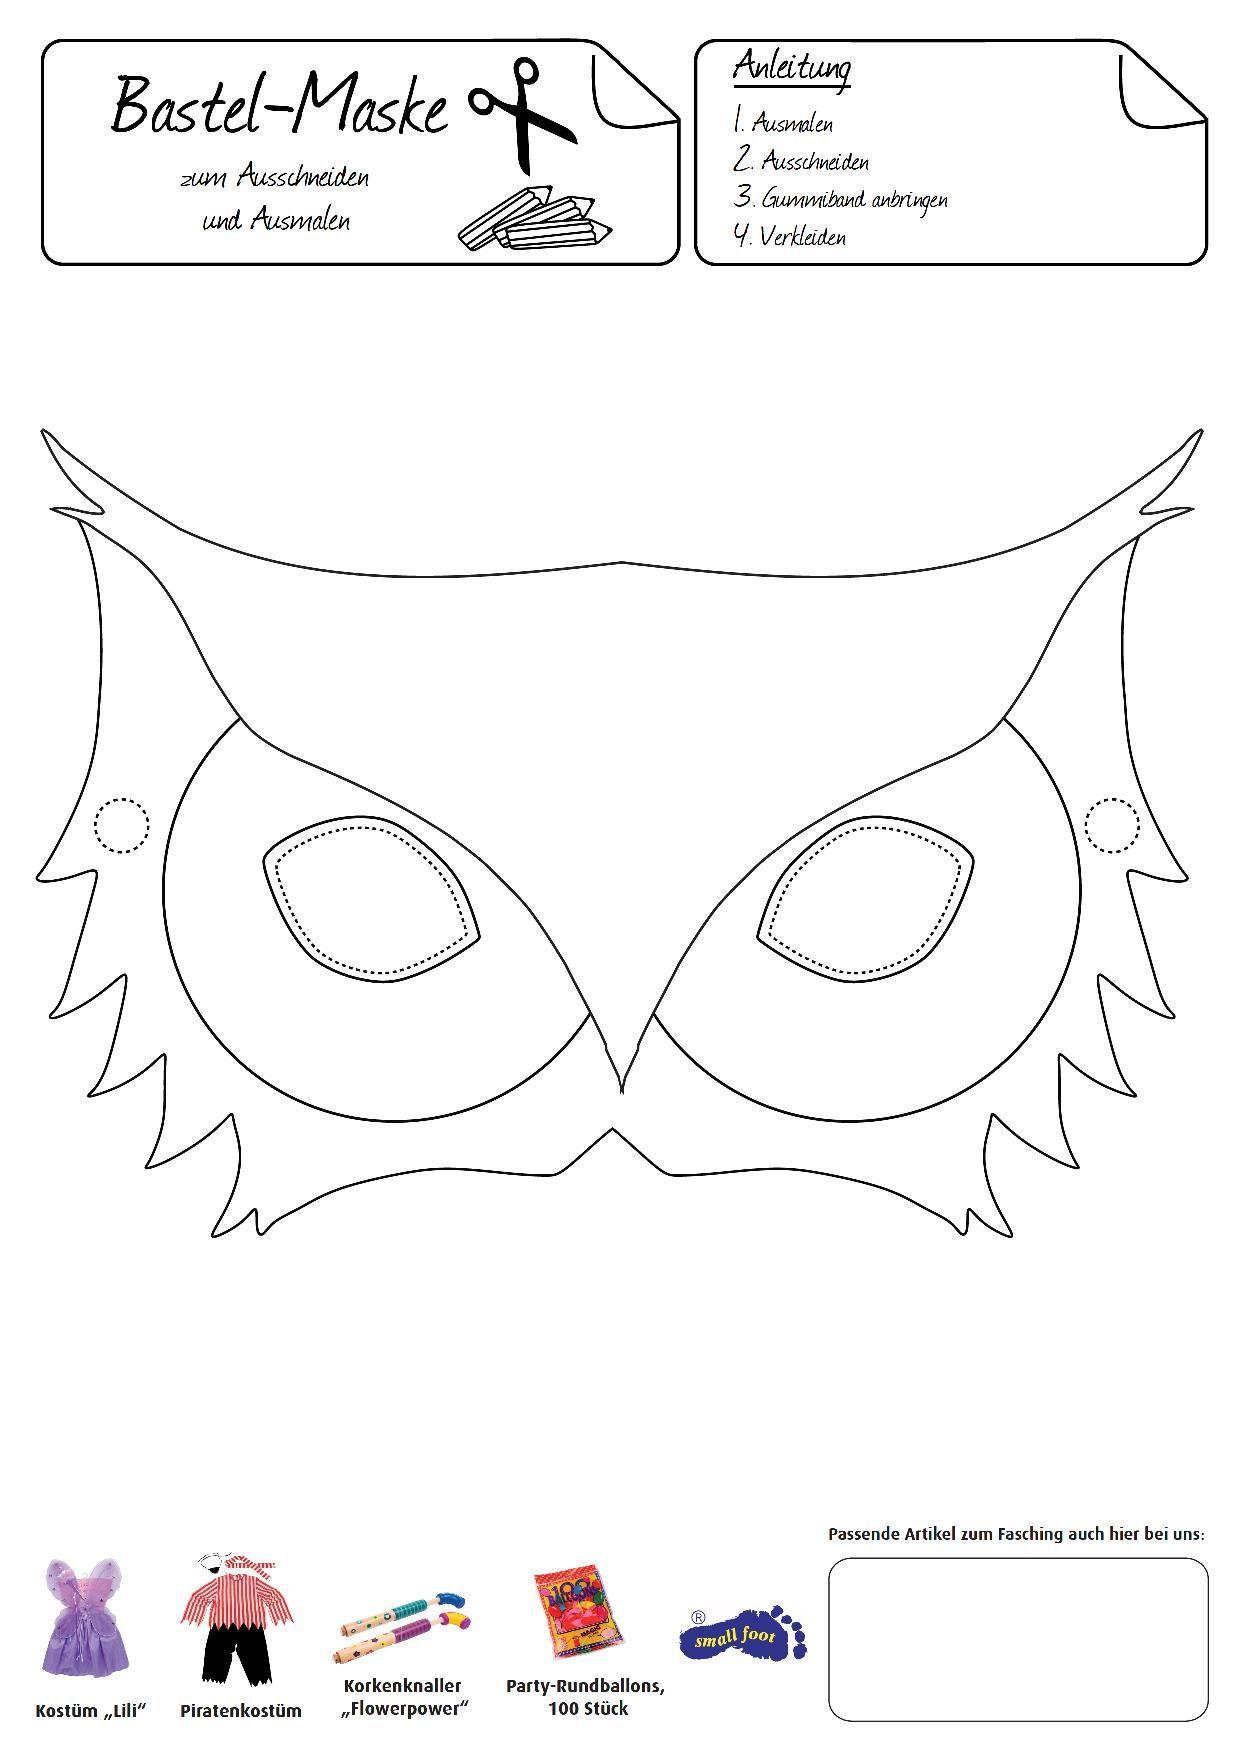 Eulen Maske Das Trendige Tier Zum Aufsetzen Und Verkleiden Tiermasken Basteln Masken Basteln Masken